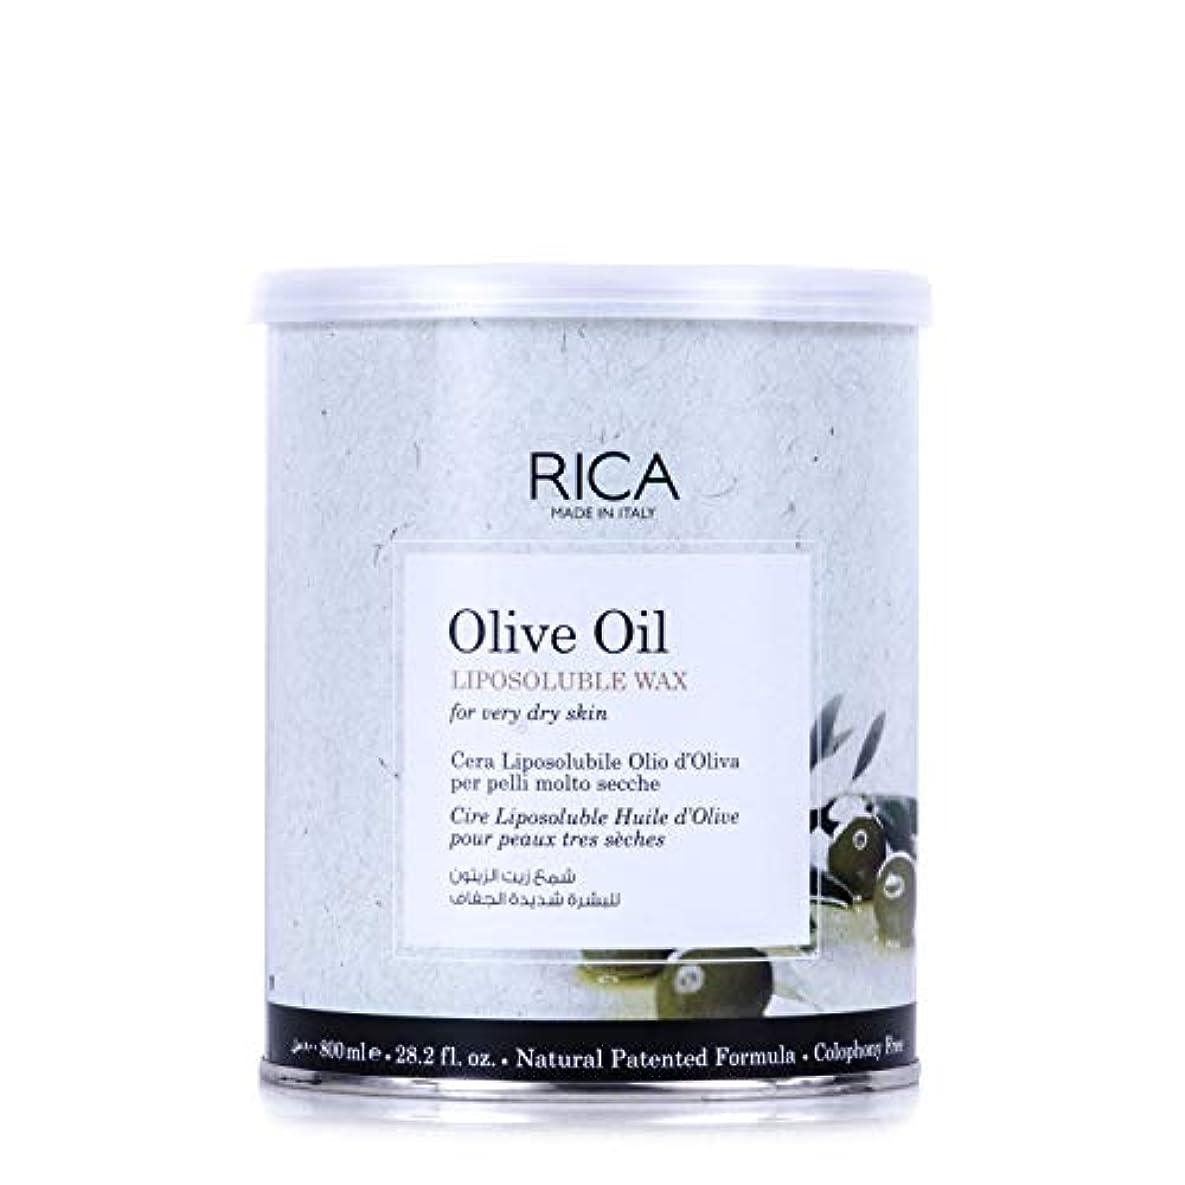 シールも離すRICA リポソルブルワックス OLO(オリーブオイル) 800mL ワックス脱毛 Olive Oil LIPOSOLUBLE WAX for very dry skin リカ